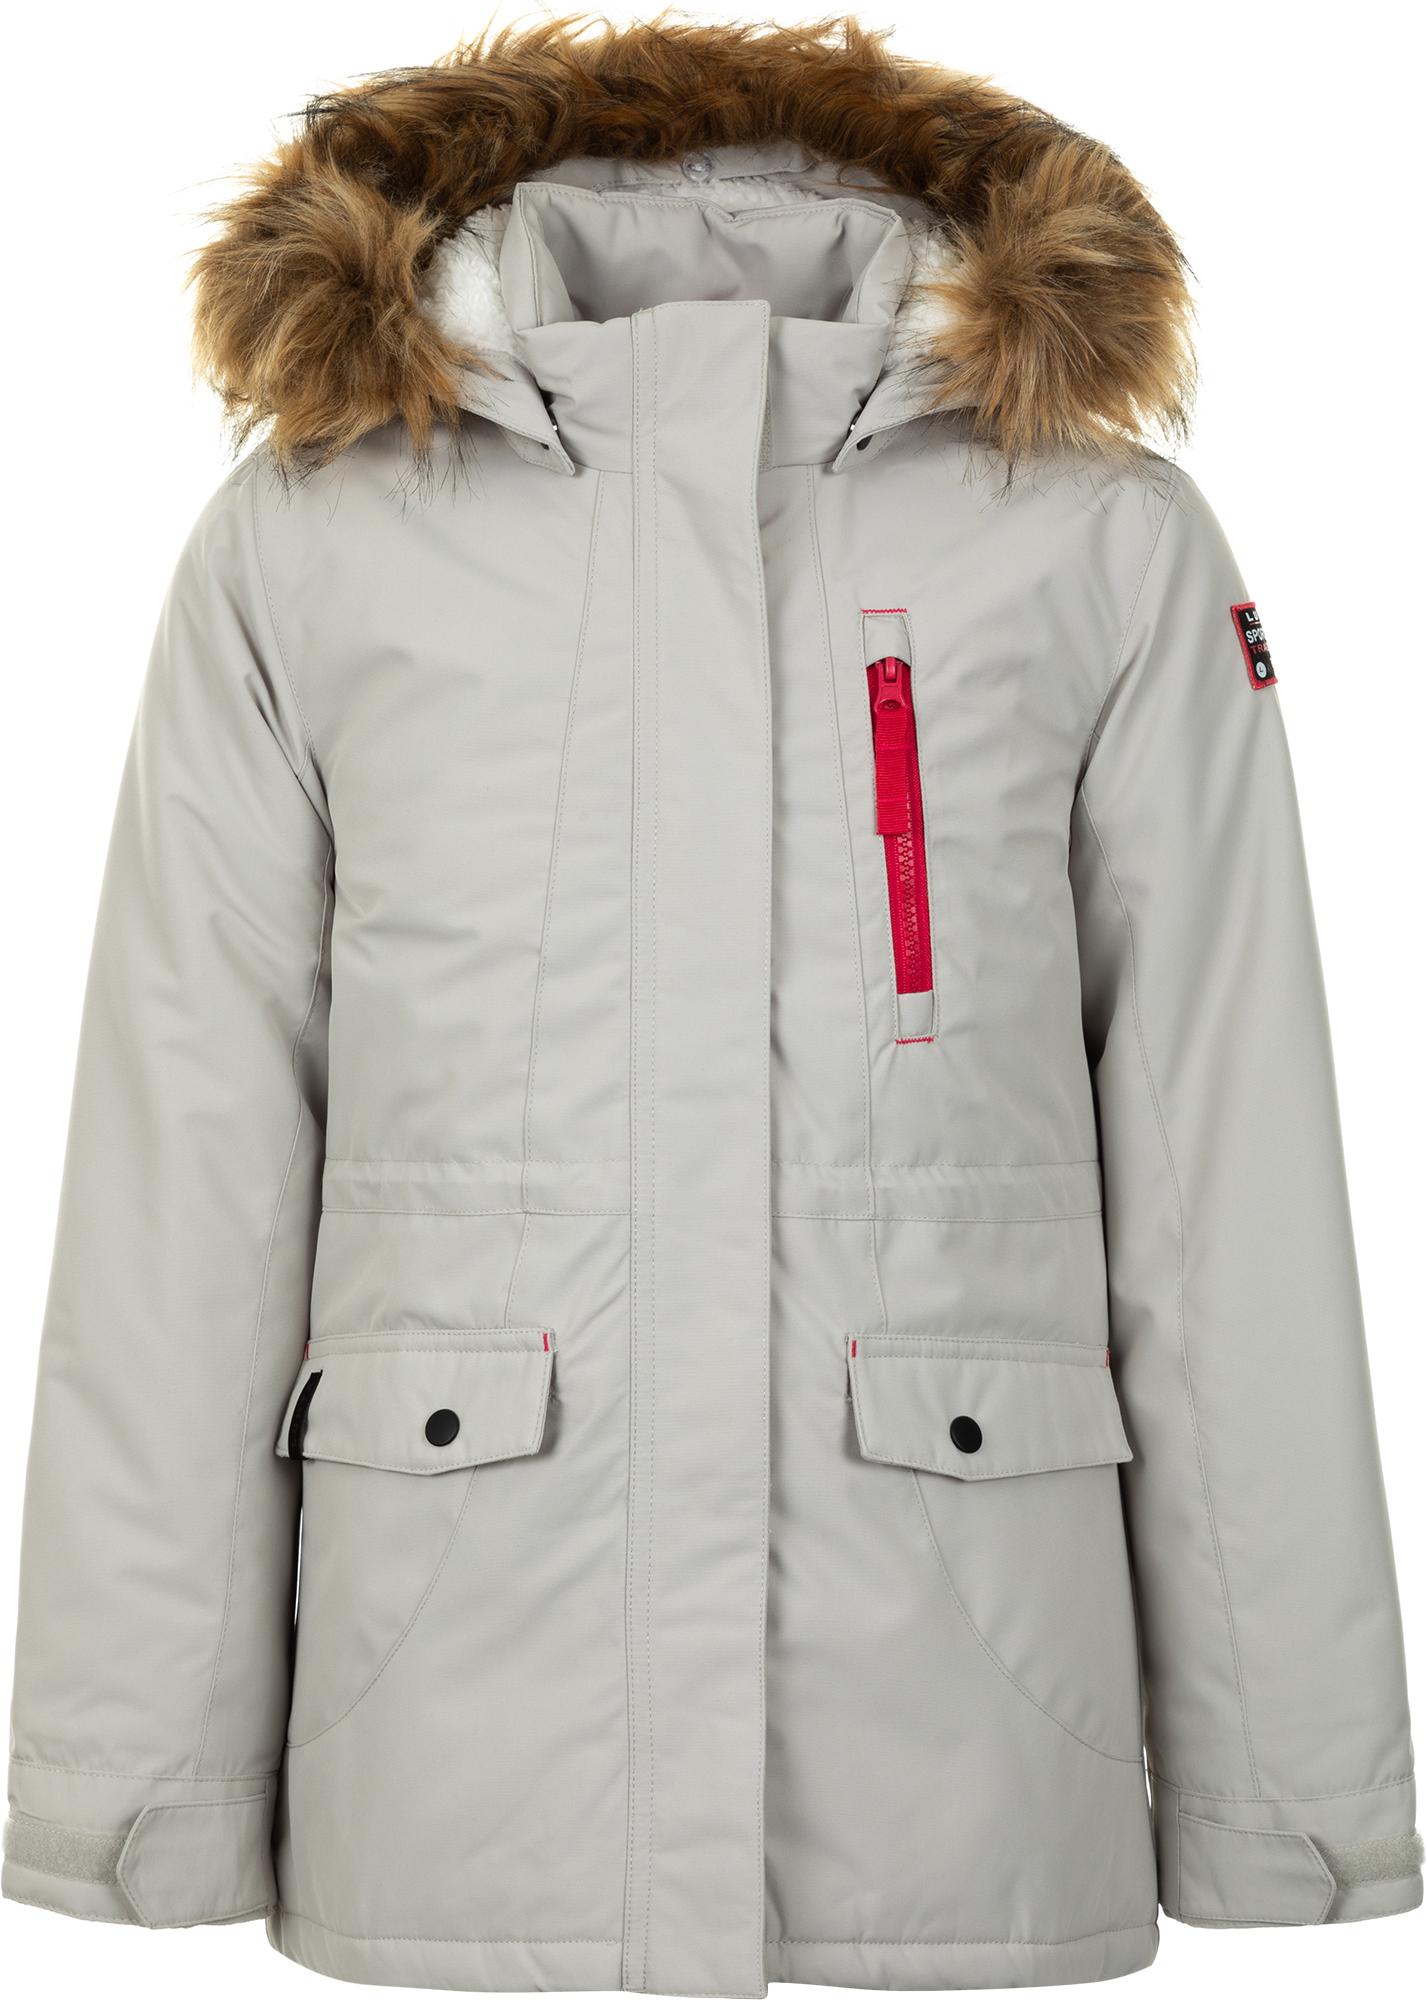 Luhta Куртка утепленная для девочек Luhta Karin, размер 146 luhta куртка утепленная женская luhta petre размер 52